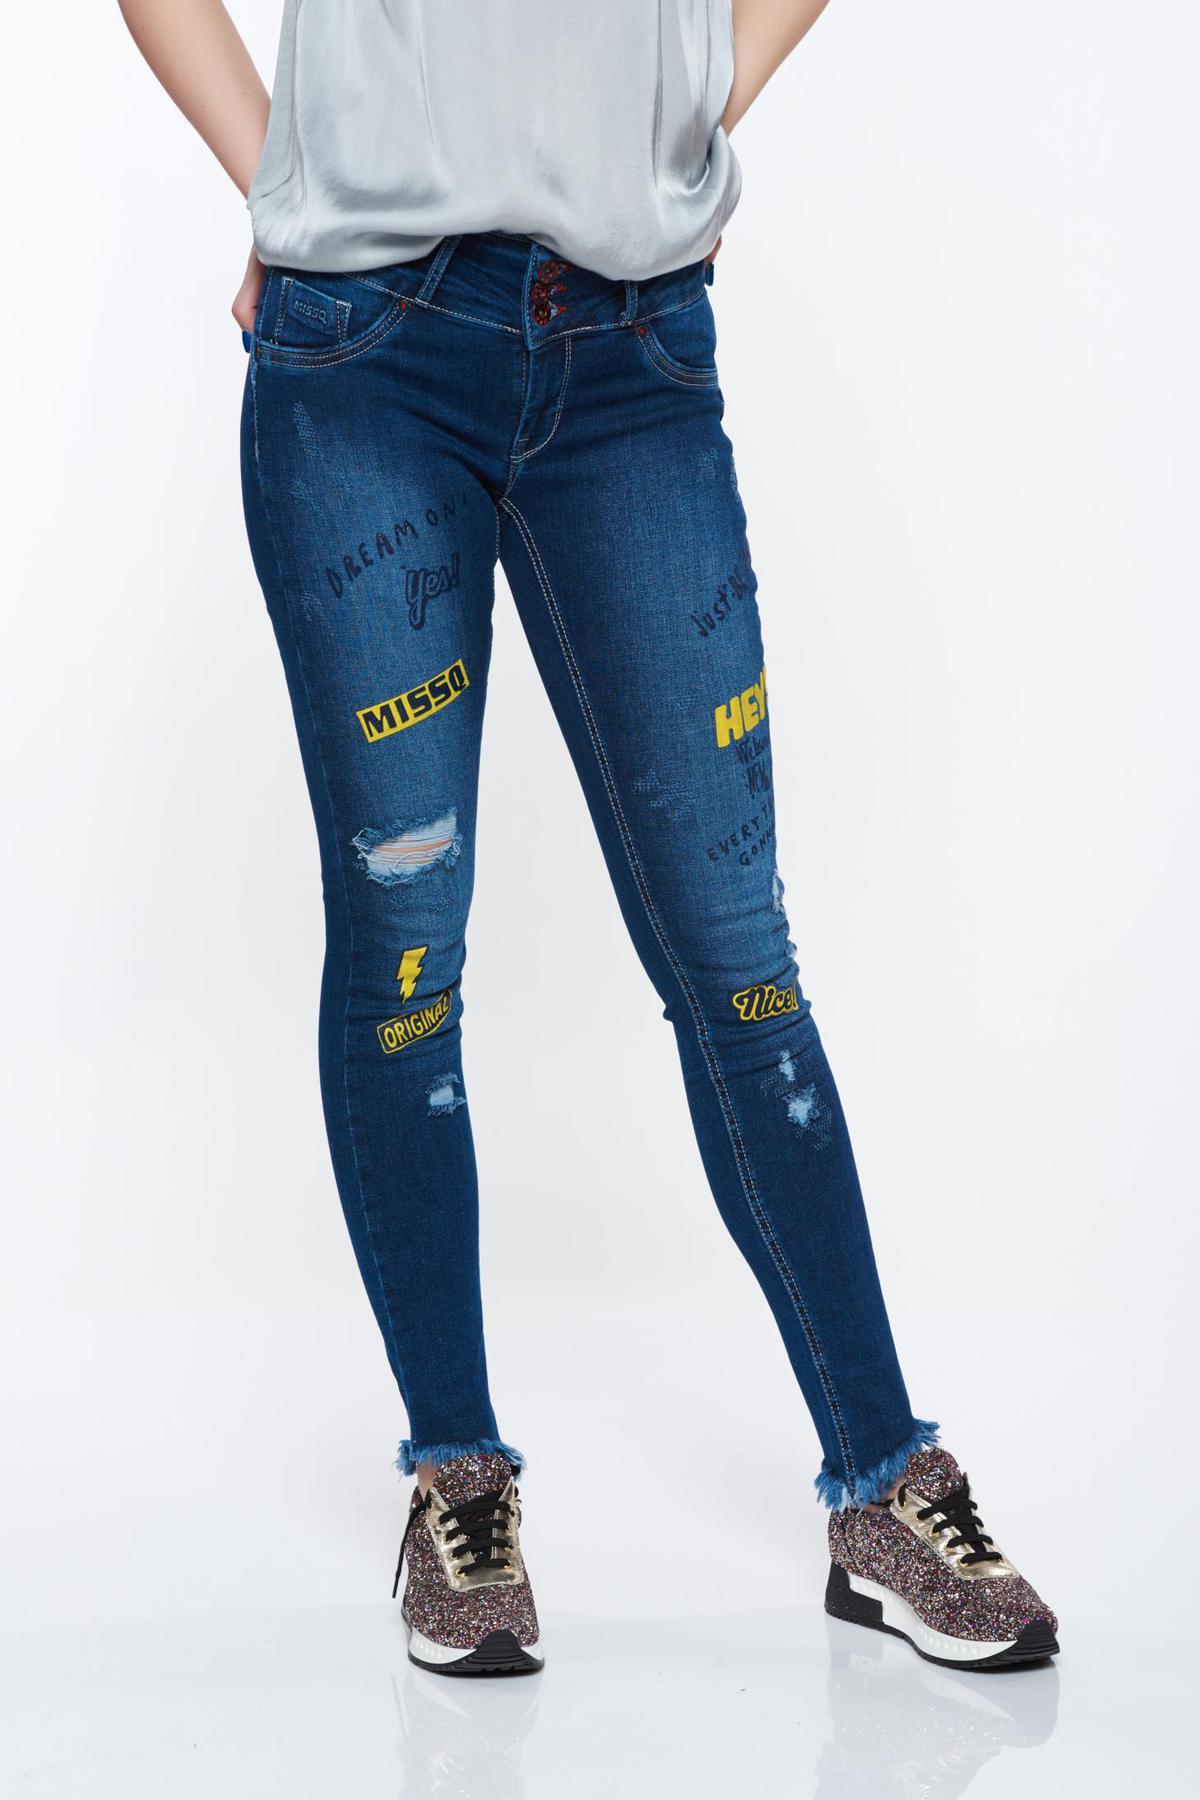 Blugi skinny MissQ albastri-inchis casual cu talie medie din bumbac elastic cu print